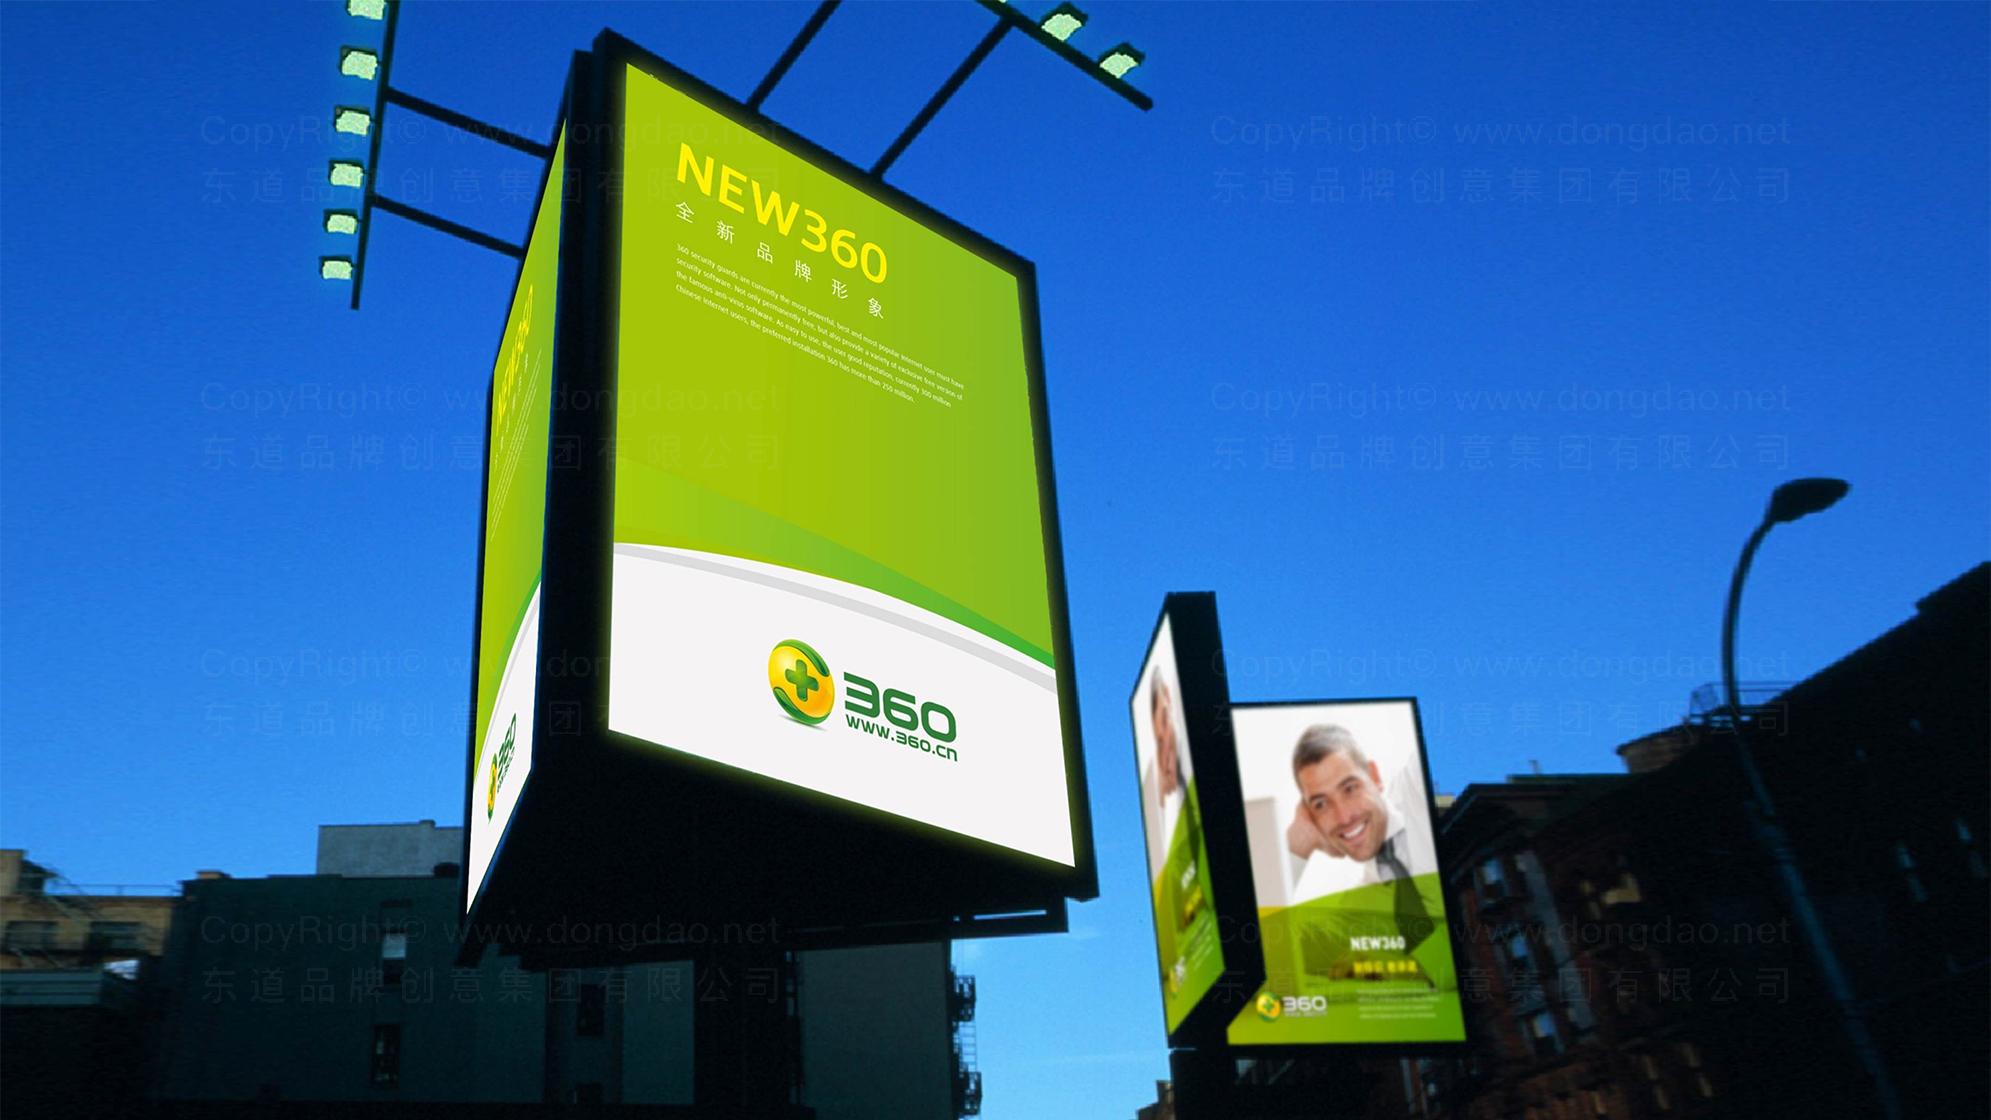 品牌设计360安全中心LOGO&VI设计应用场景_4